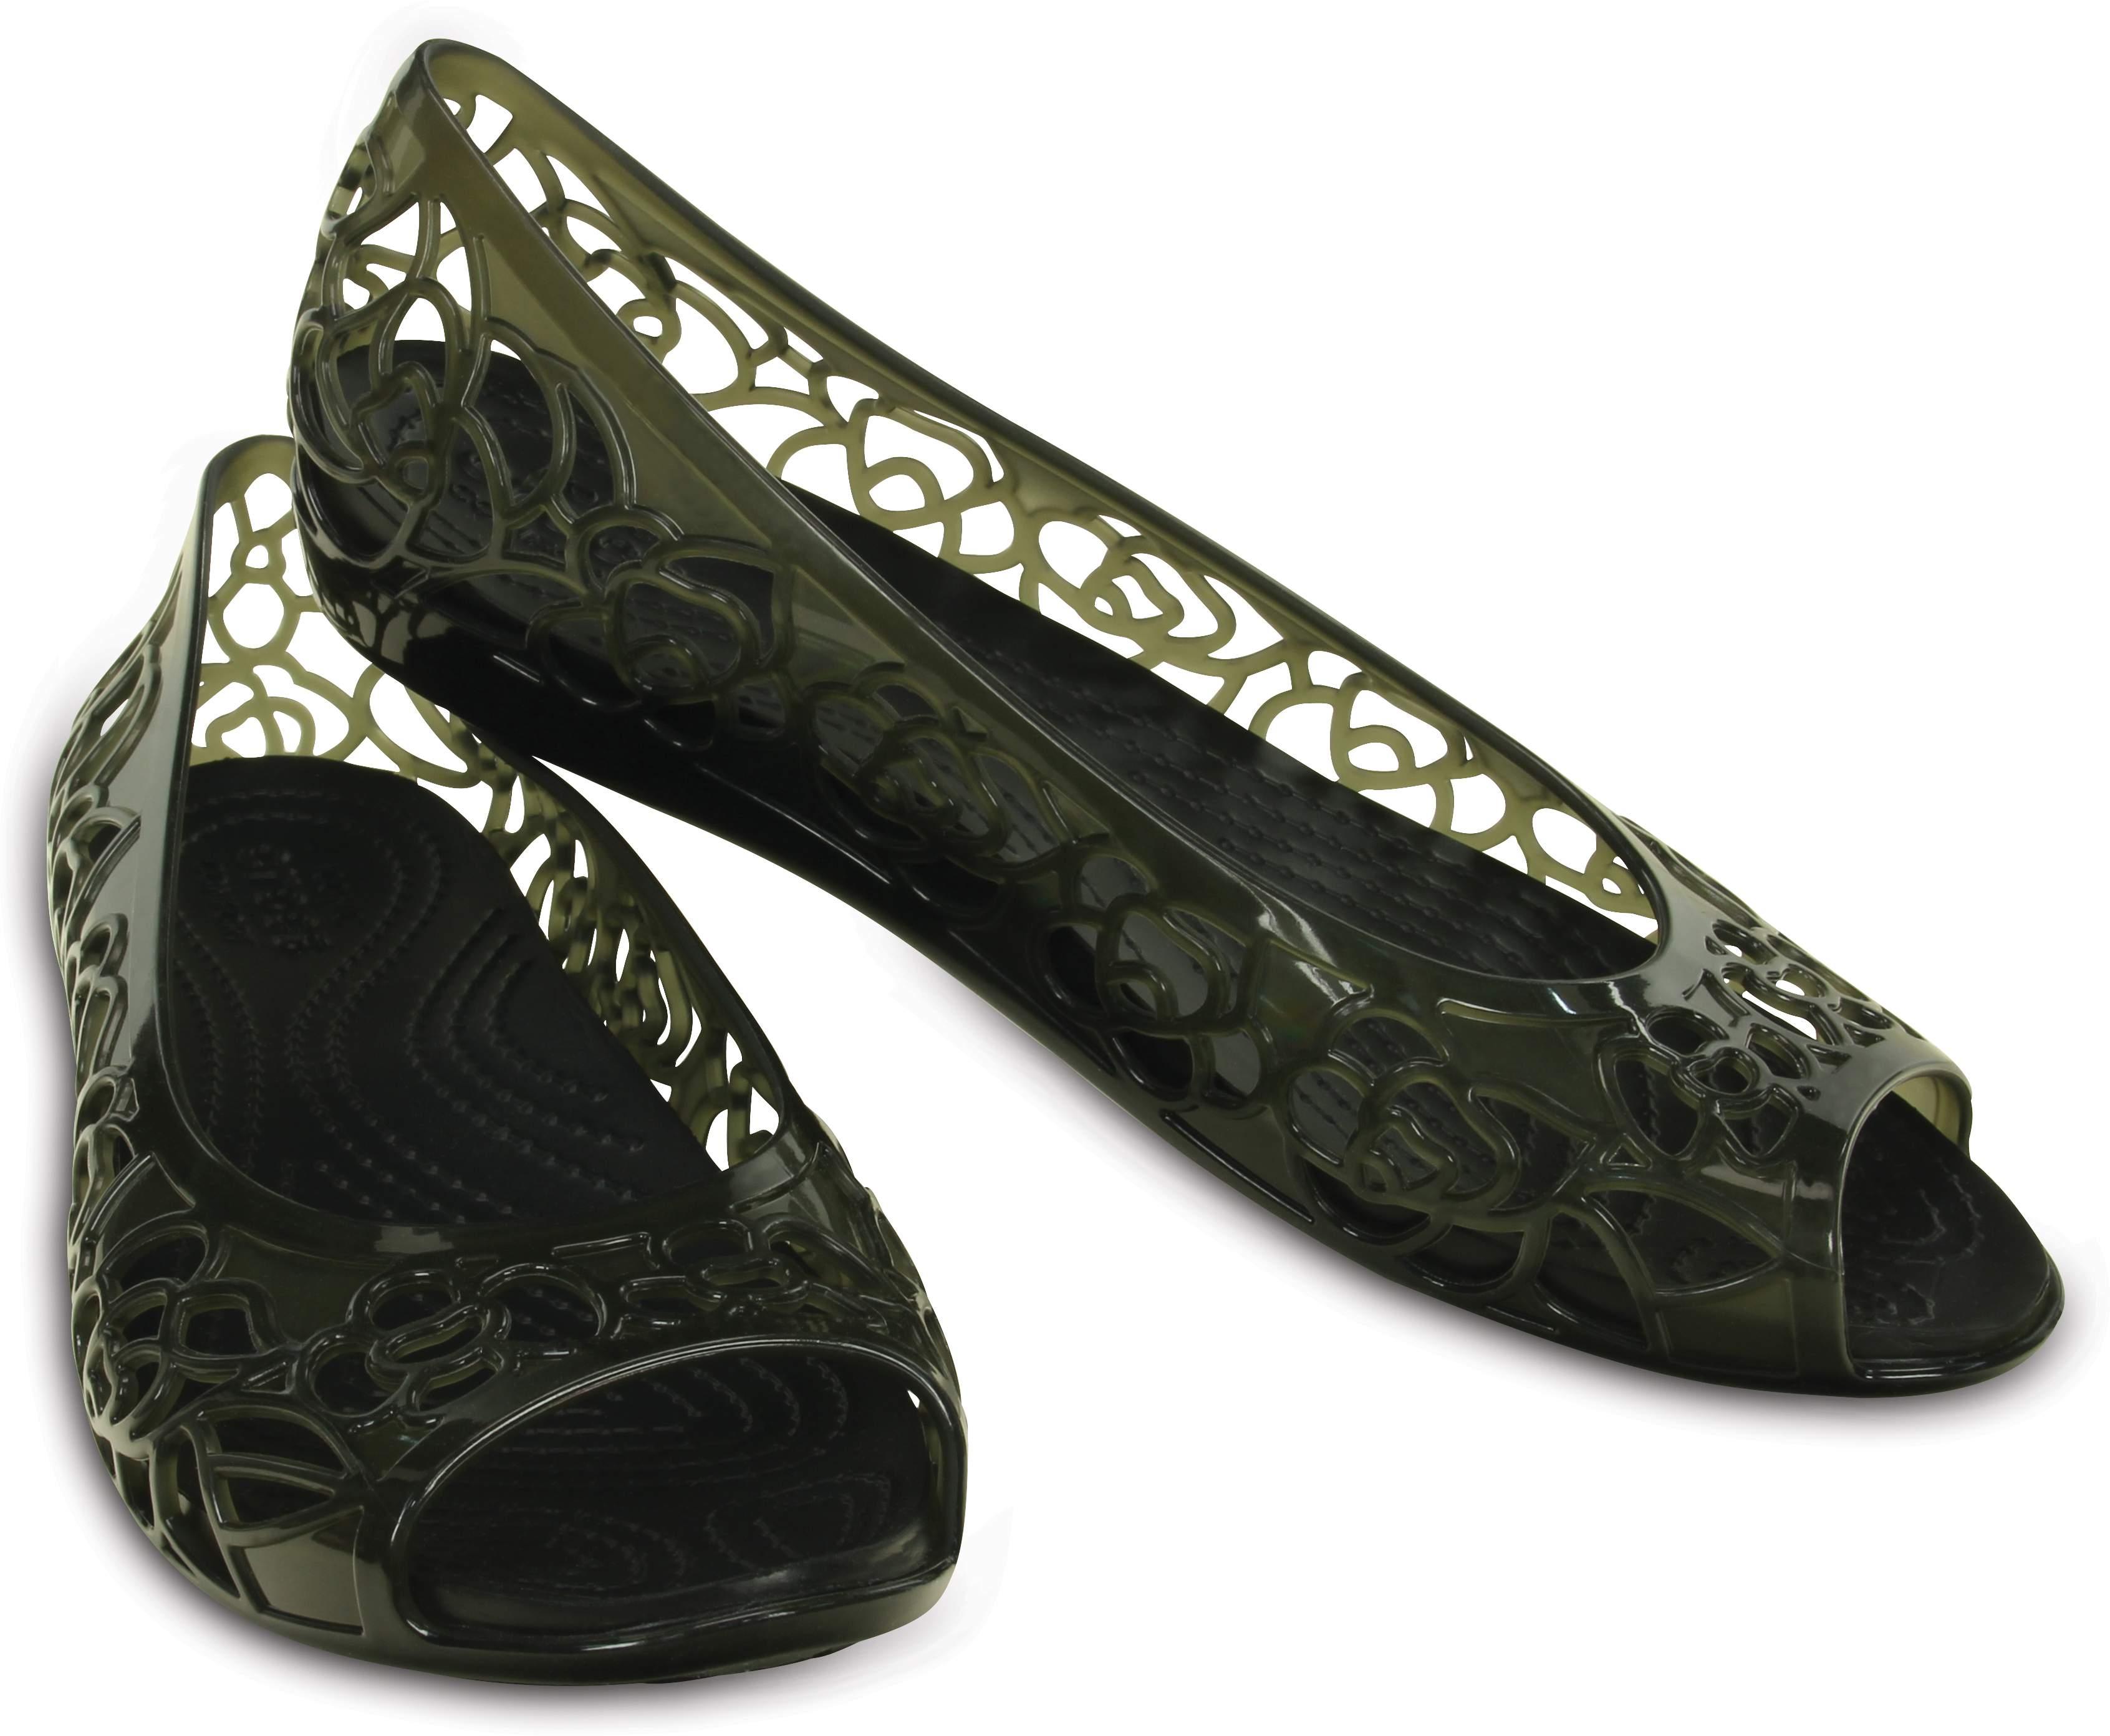 【クロックス公式】 クロックス イザベラ ジェリー フラットウィメン Women's Crocs Isabella Jelly Flat ウィメンズ、レディース、女性用 ブラック/黒 21cm,22cm,23cm,24cm flat フラットシューズ バレエシューズ ぺたんこシューズ